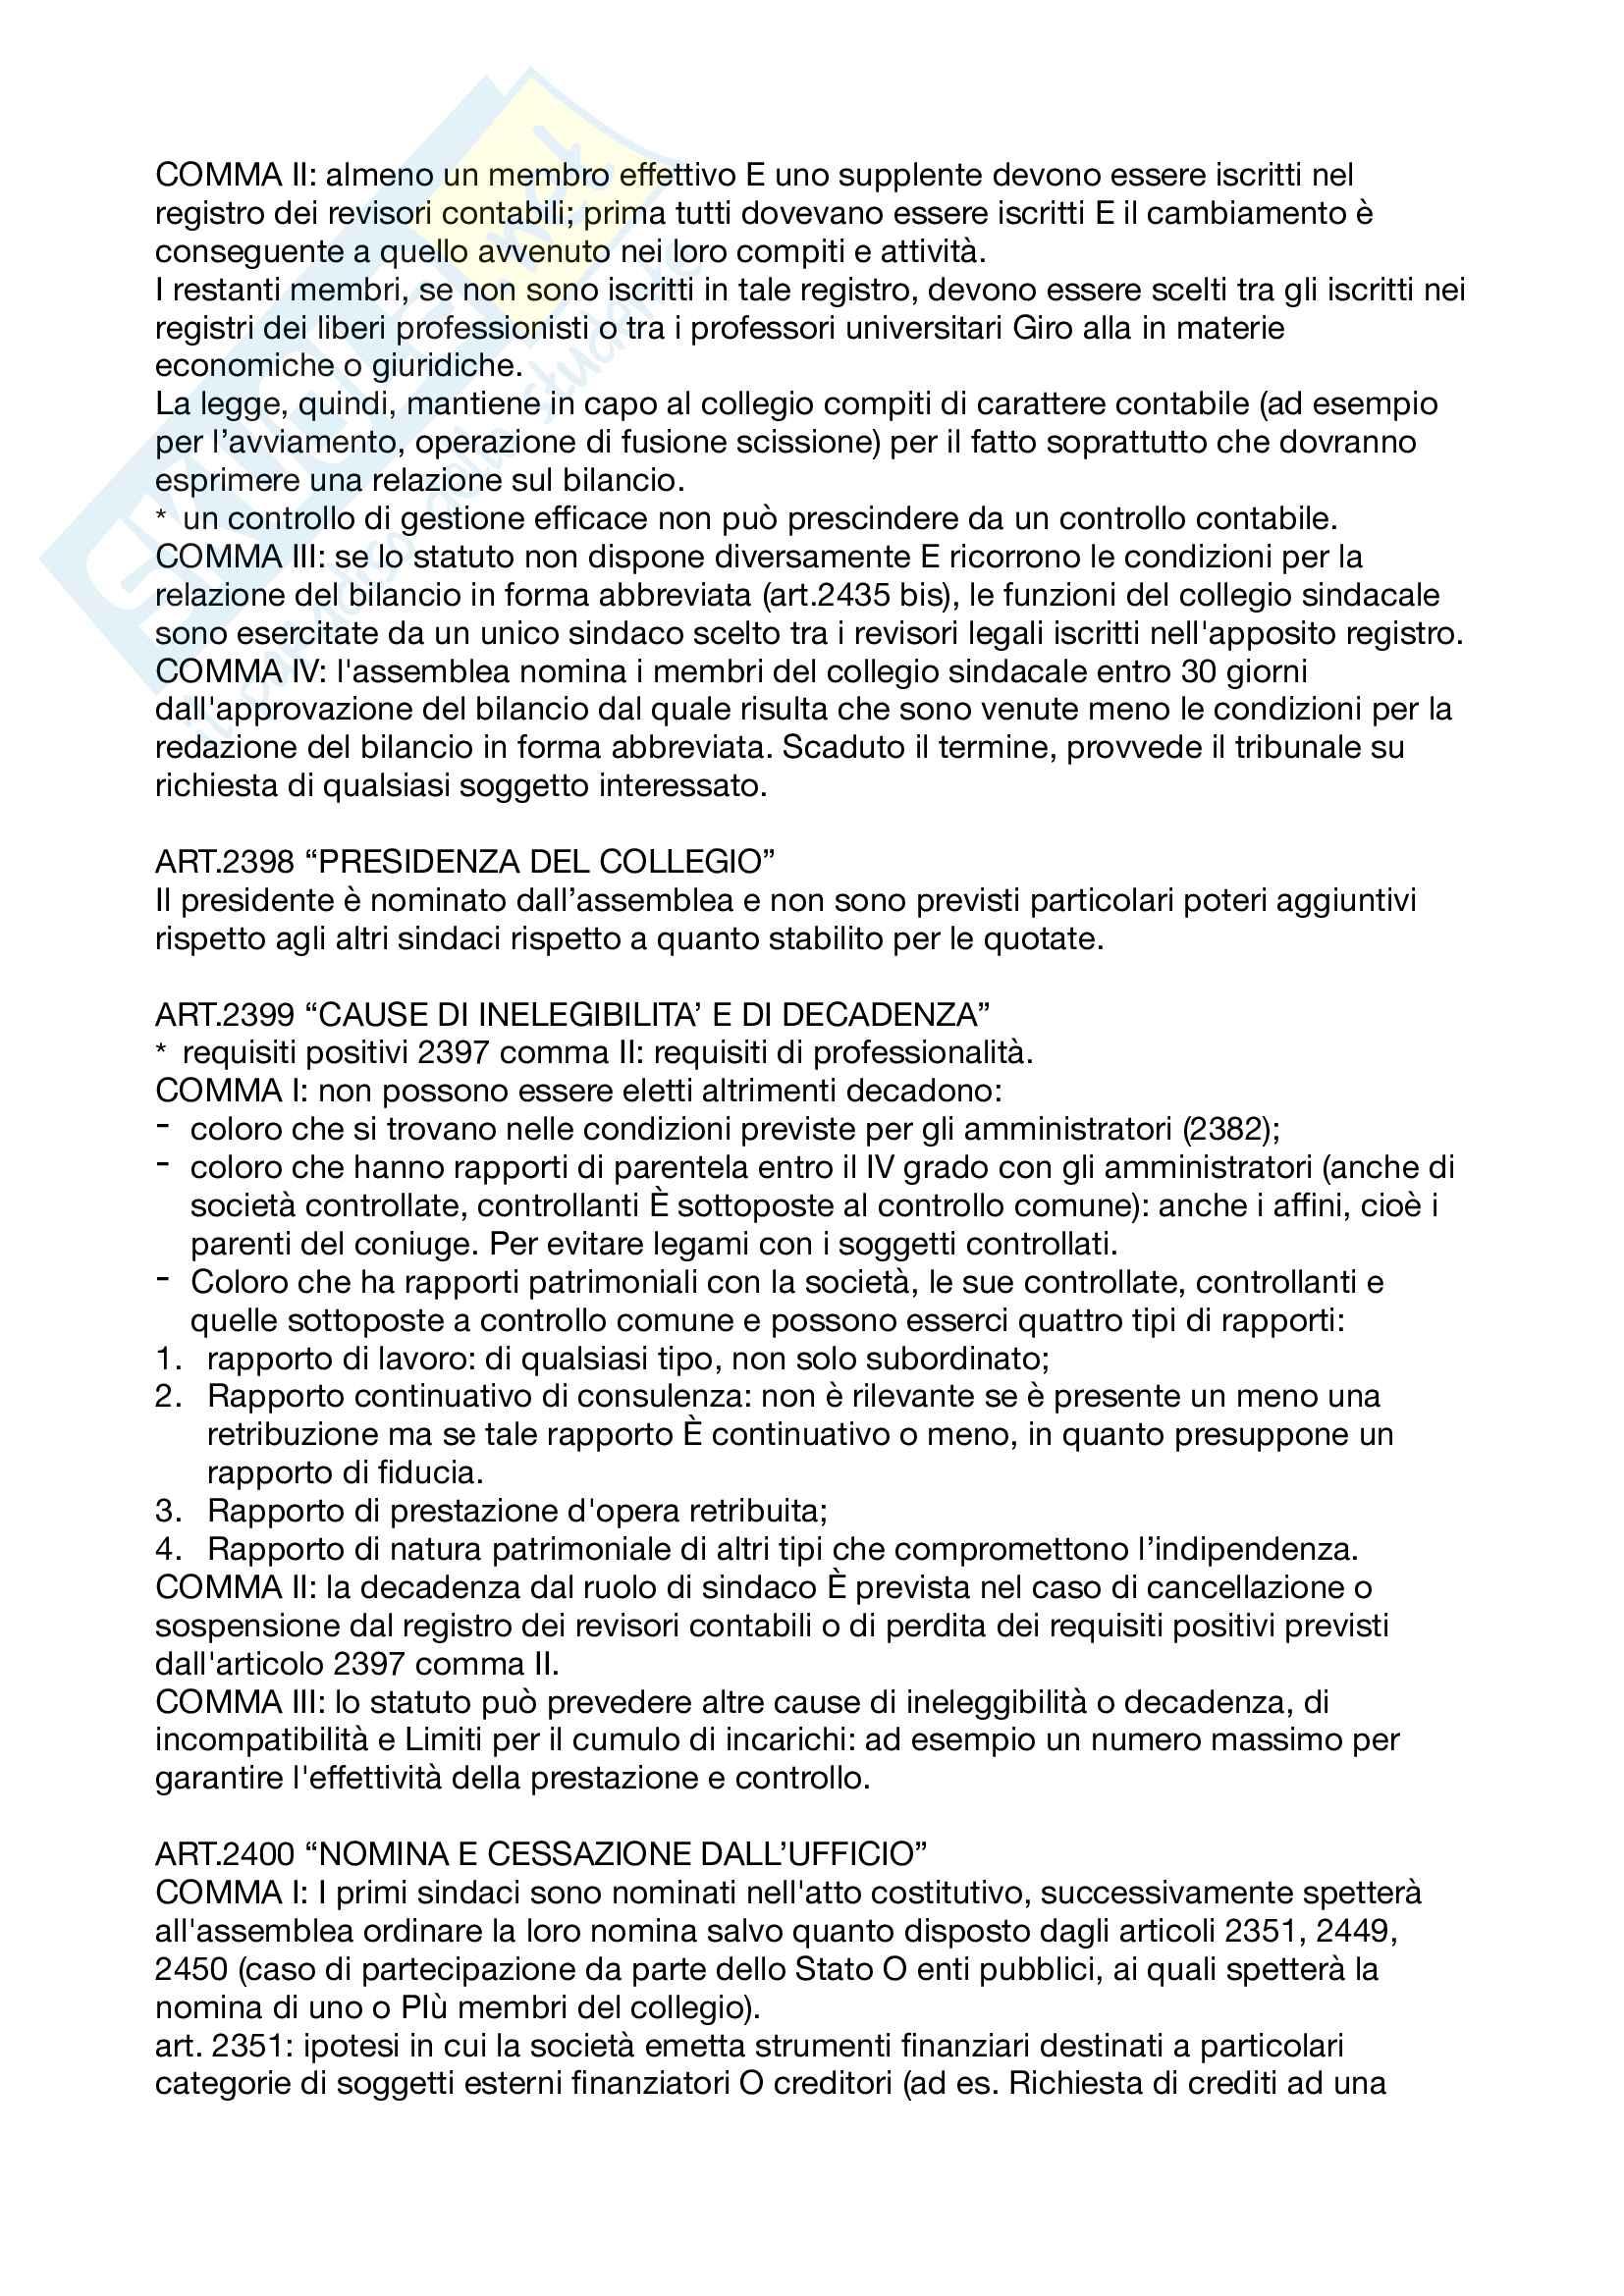 Appunti Diritto commerciale corso avanzato Pag. 21